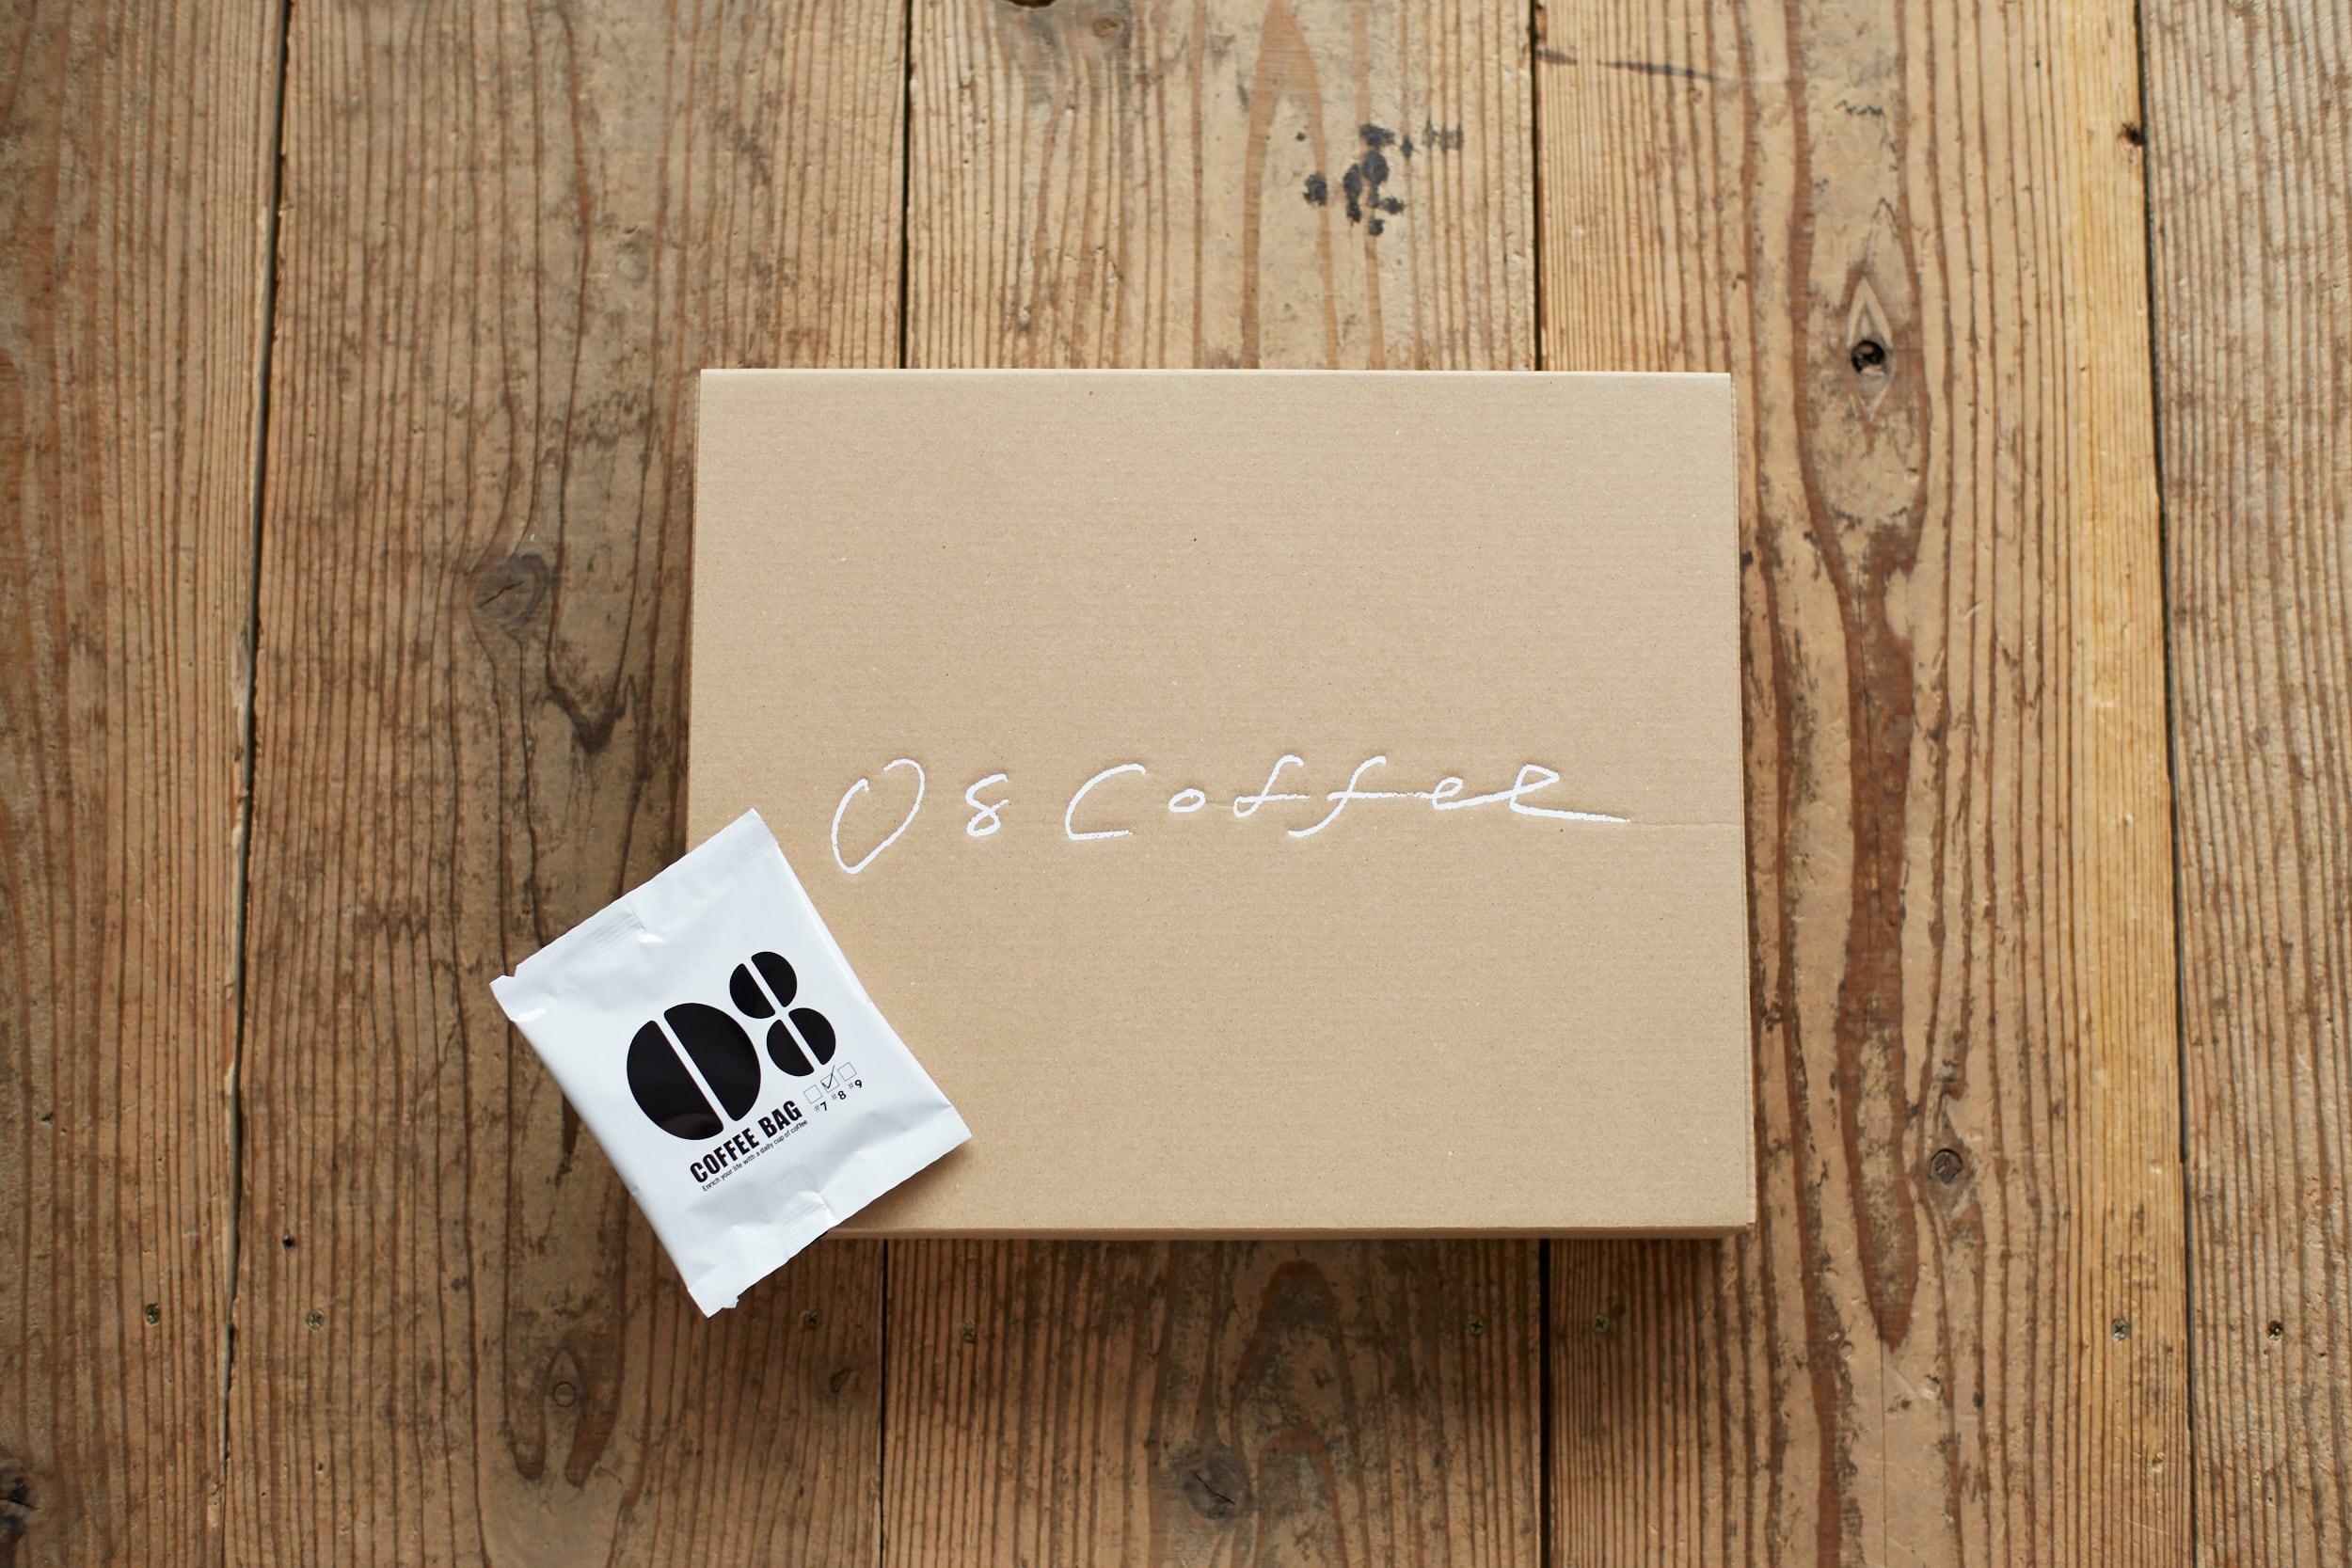 コーヒーギフト#2